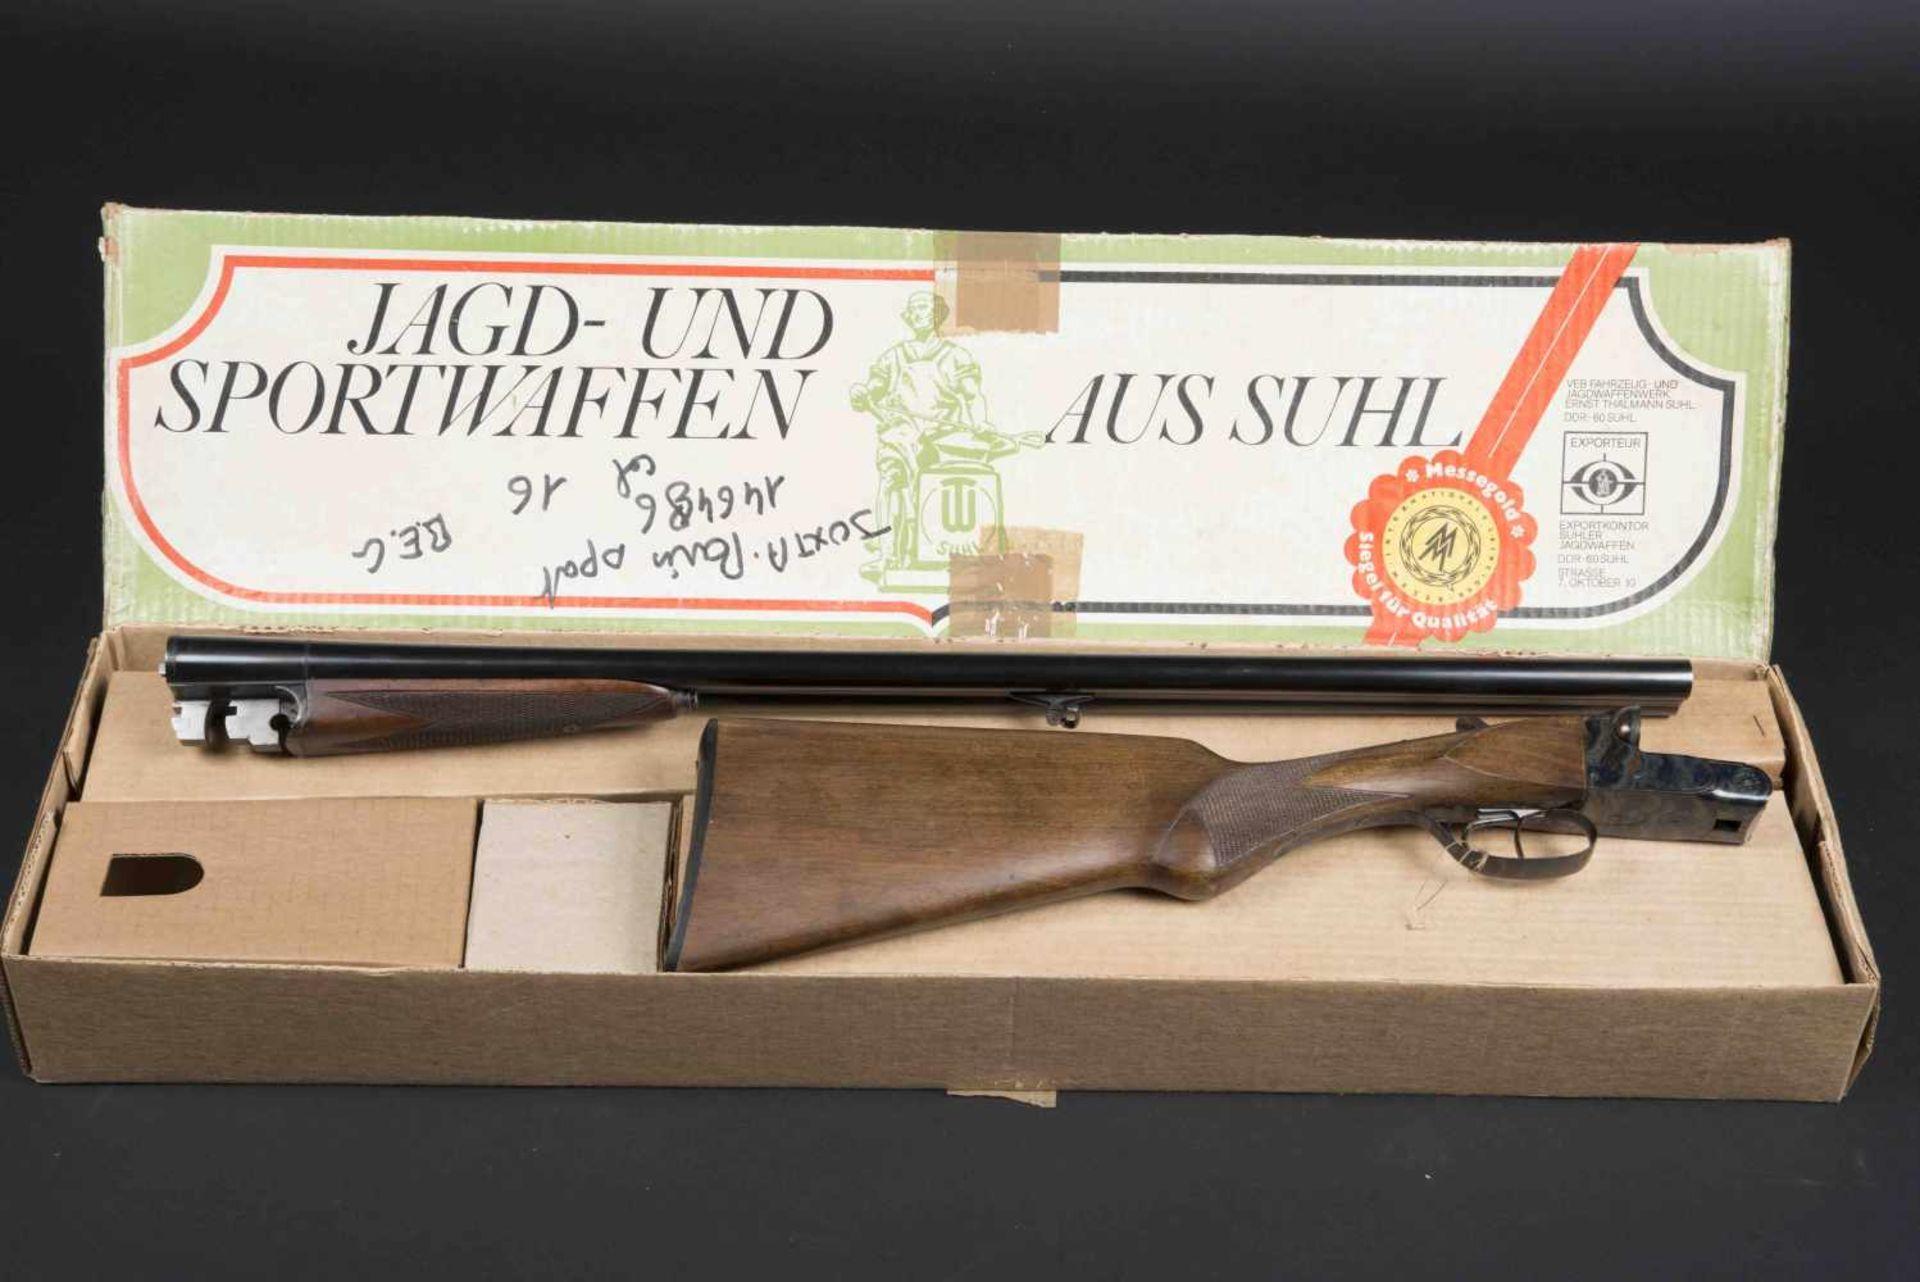 Fusil juxtaposé Paris Sport Catégorie C Calibre 16, numéro 146486. Carton non au modèle de l'arme.